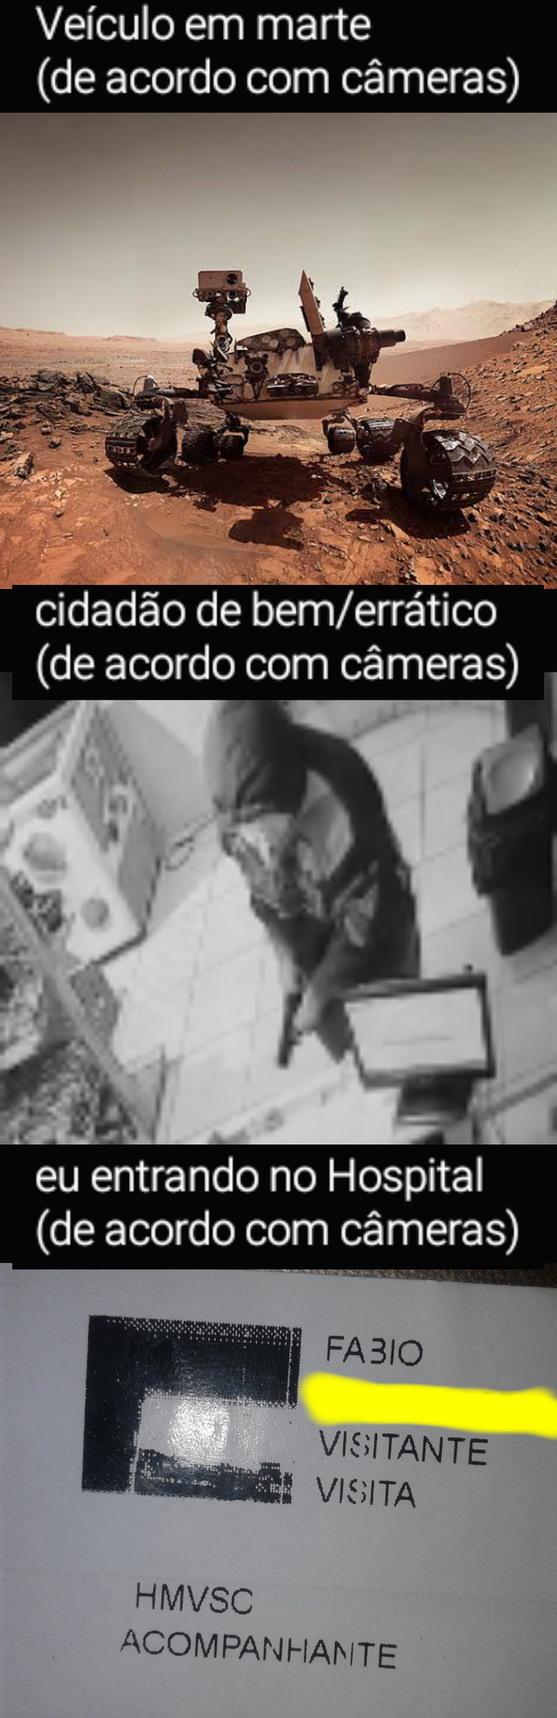 FA3IO - meme